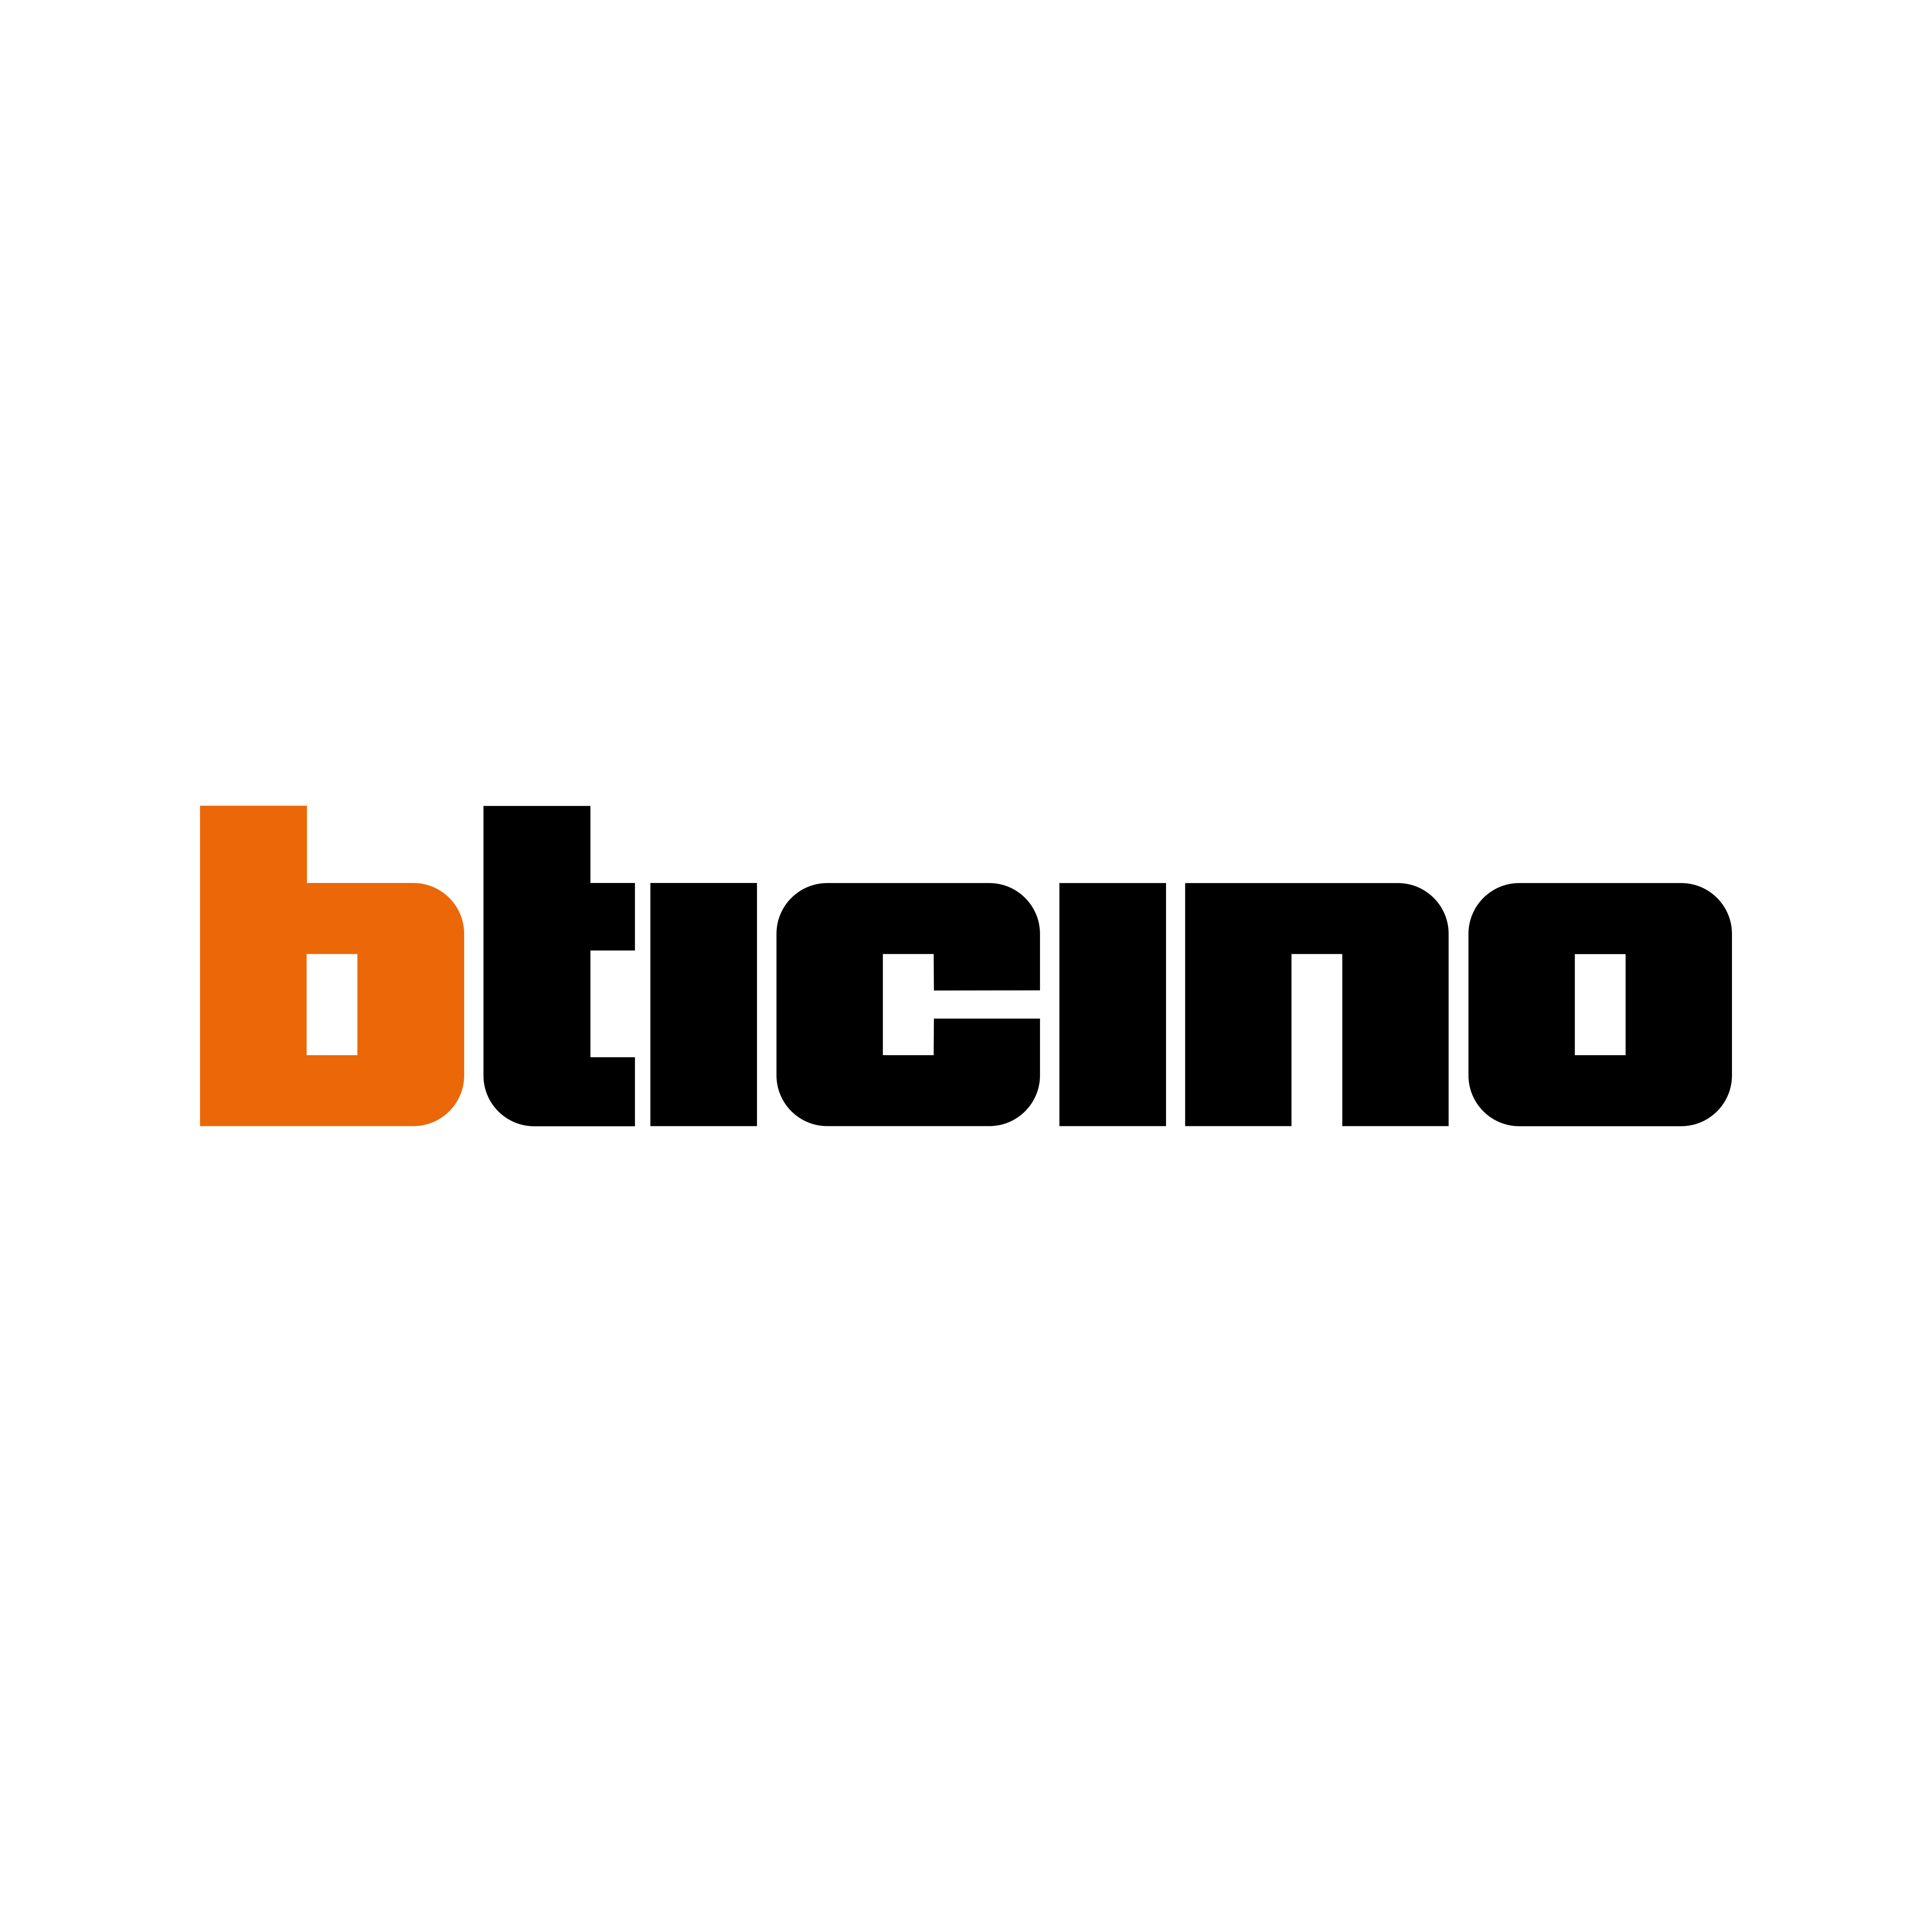 bticino logo 0 - Bticino Logo